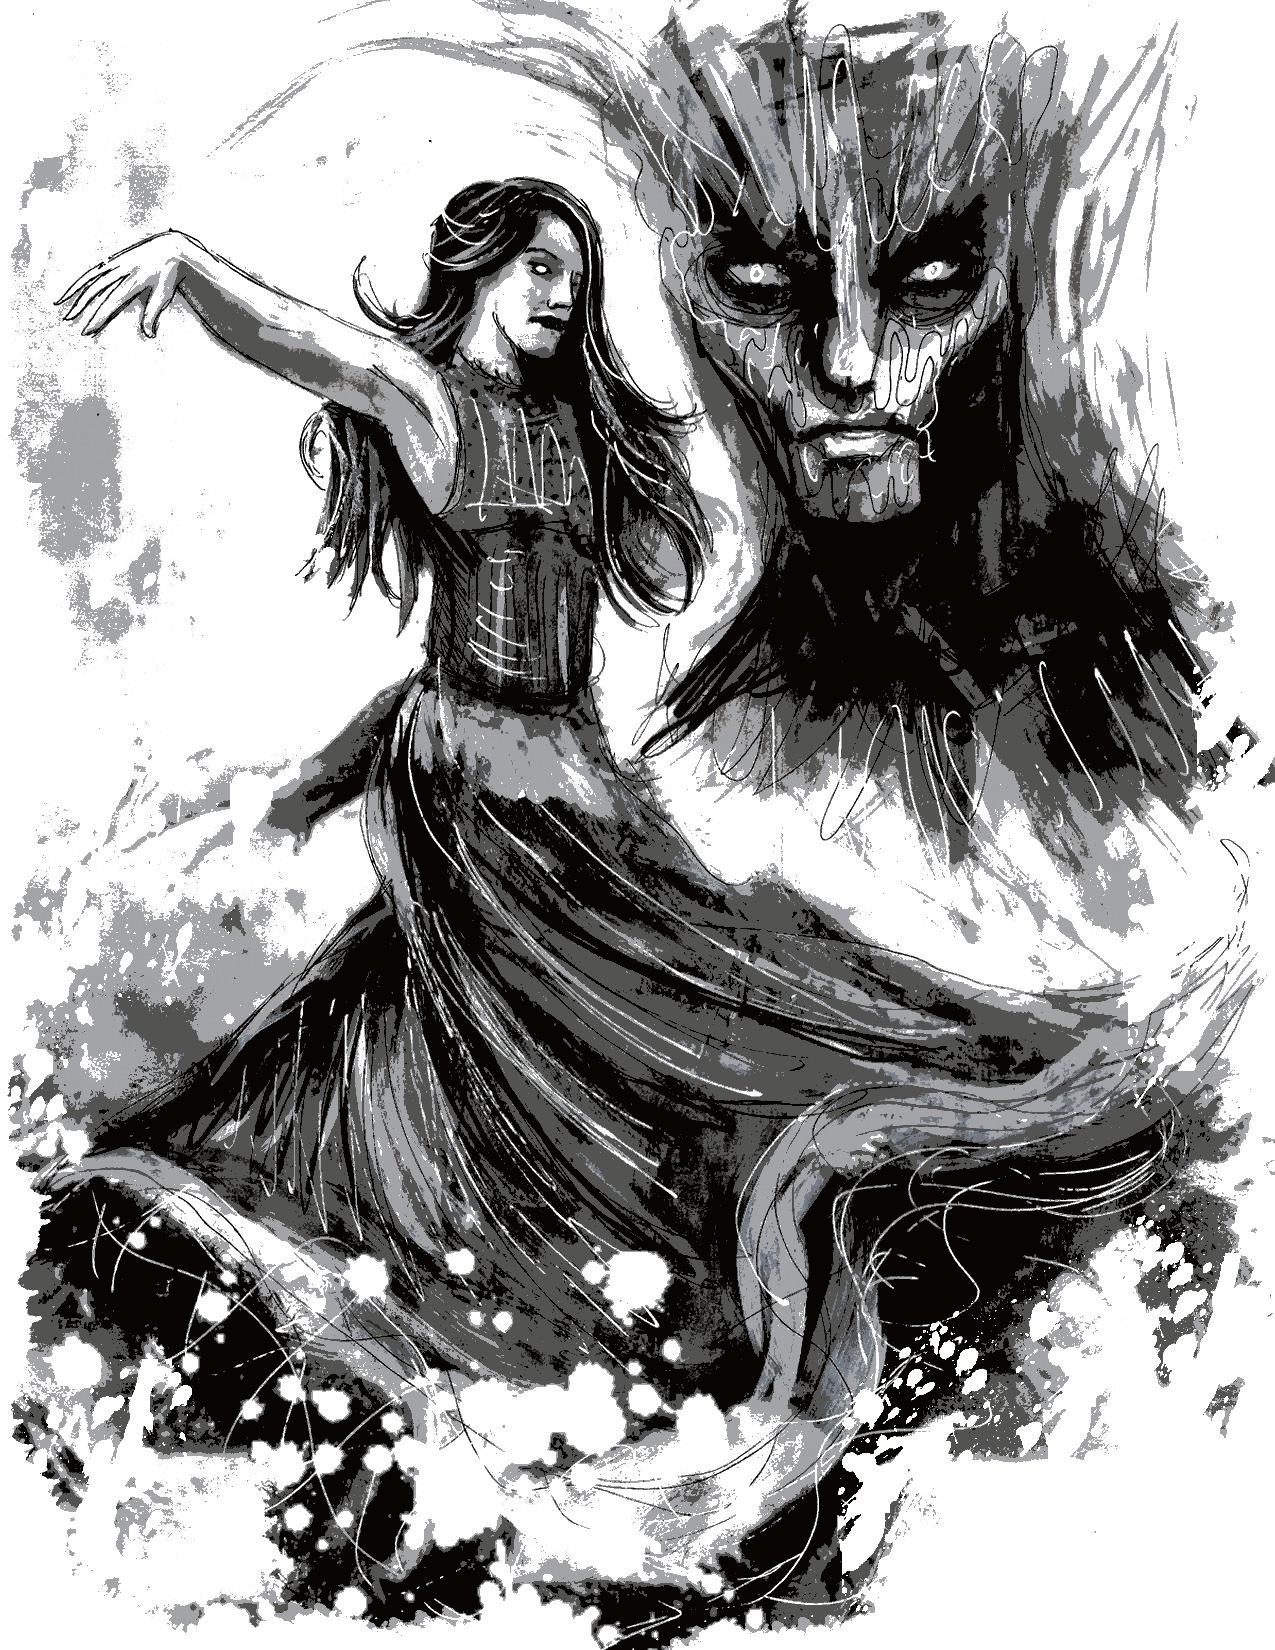 """Illustration for """"A Bottle of Whiskey"""" Copyright (c) 2016, Luke Spooner. Used under license."""